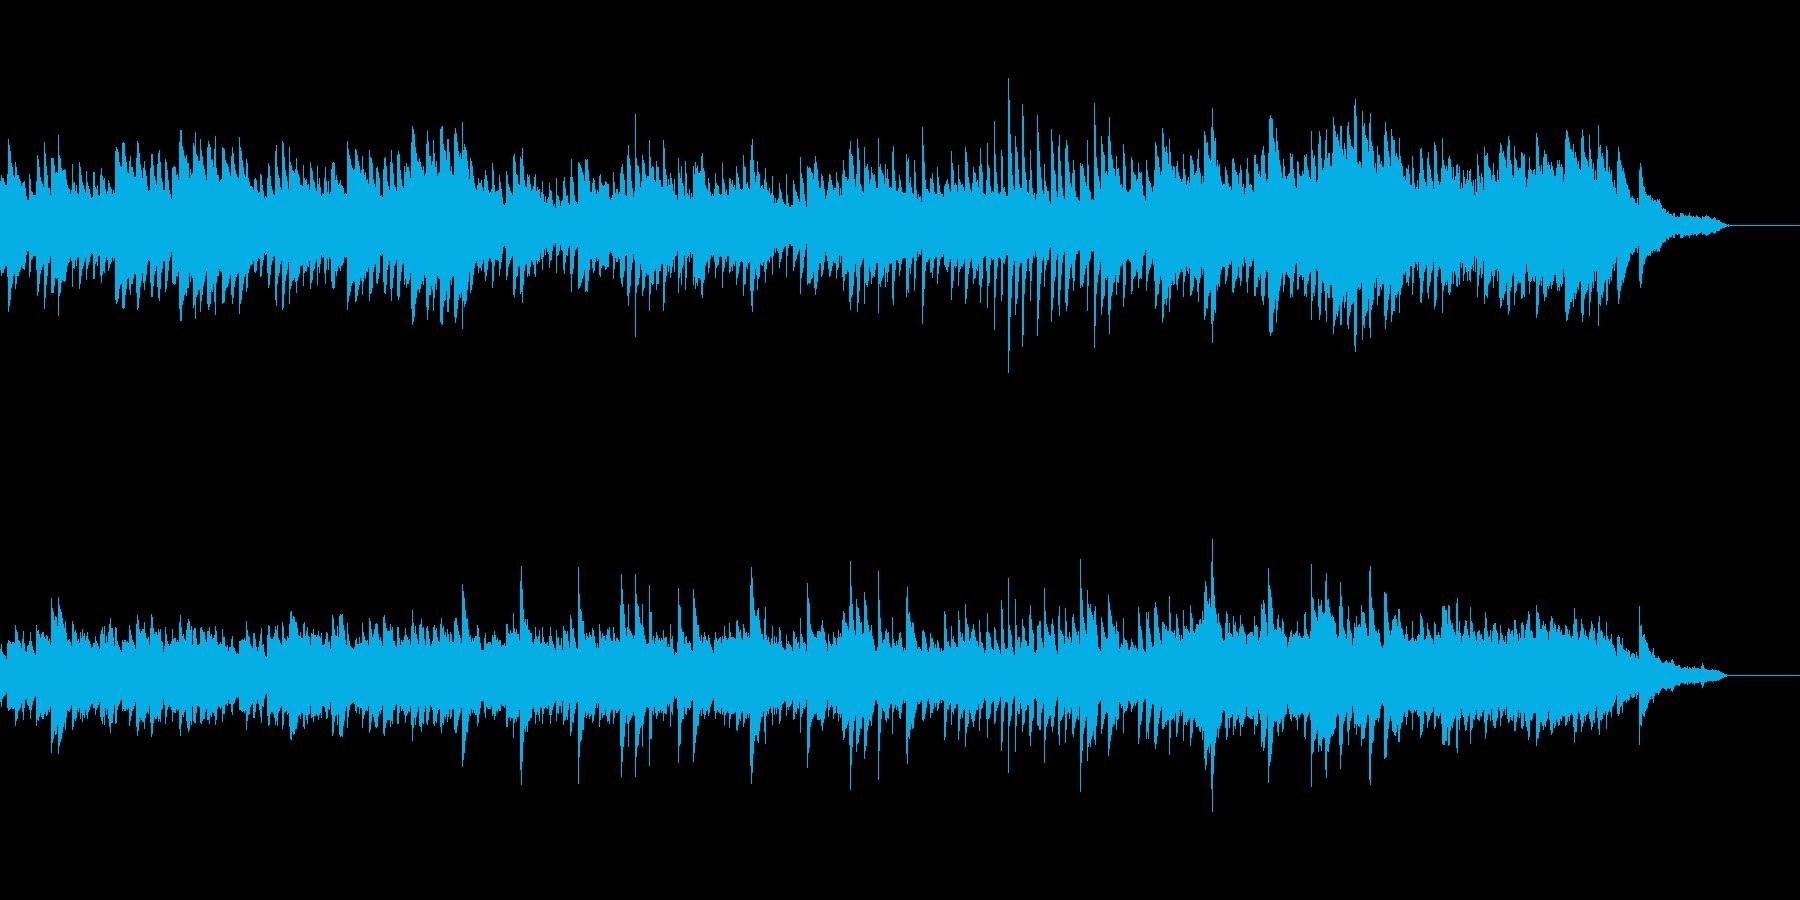 ピアノと弦楽器の悲しくて不安な曲の再生済みの波形